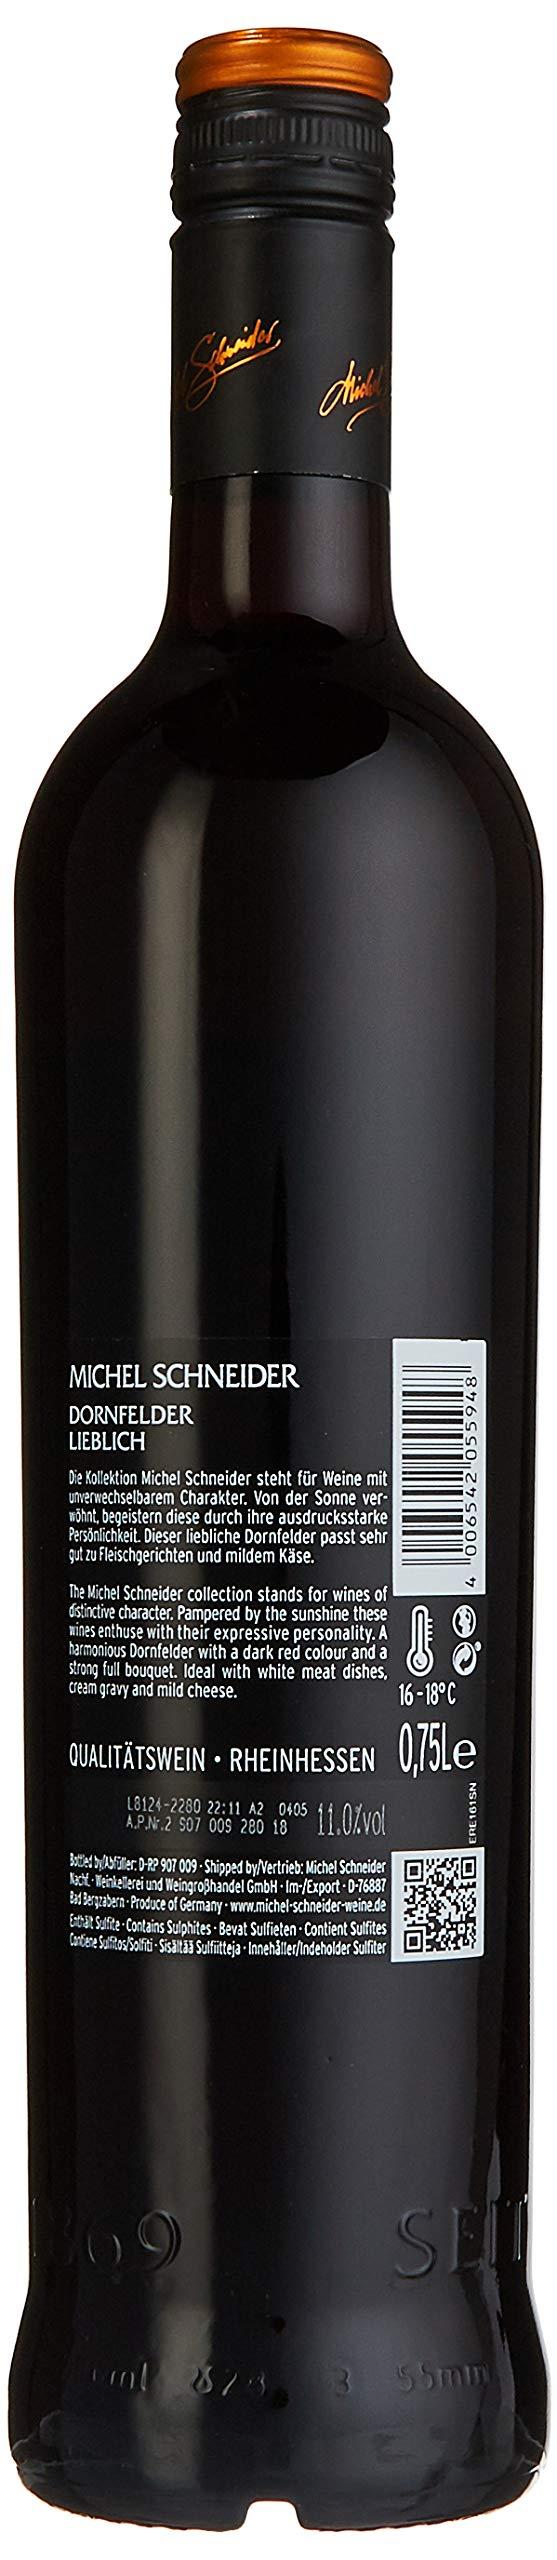 Michel-Schneider-Dornfelder-lieblich